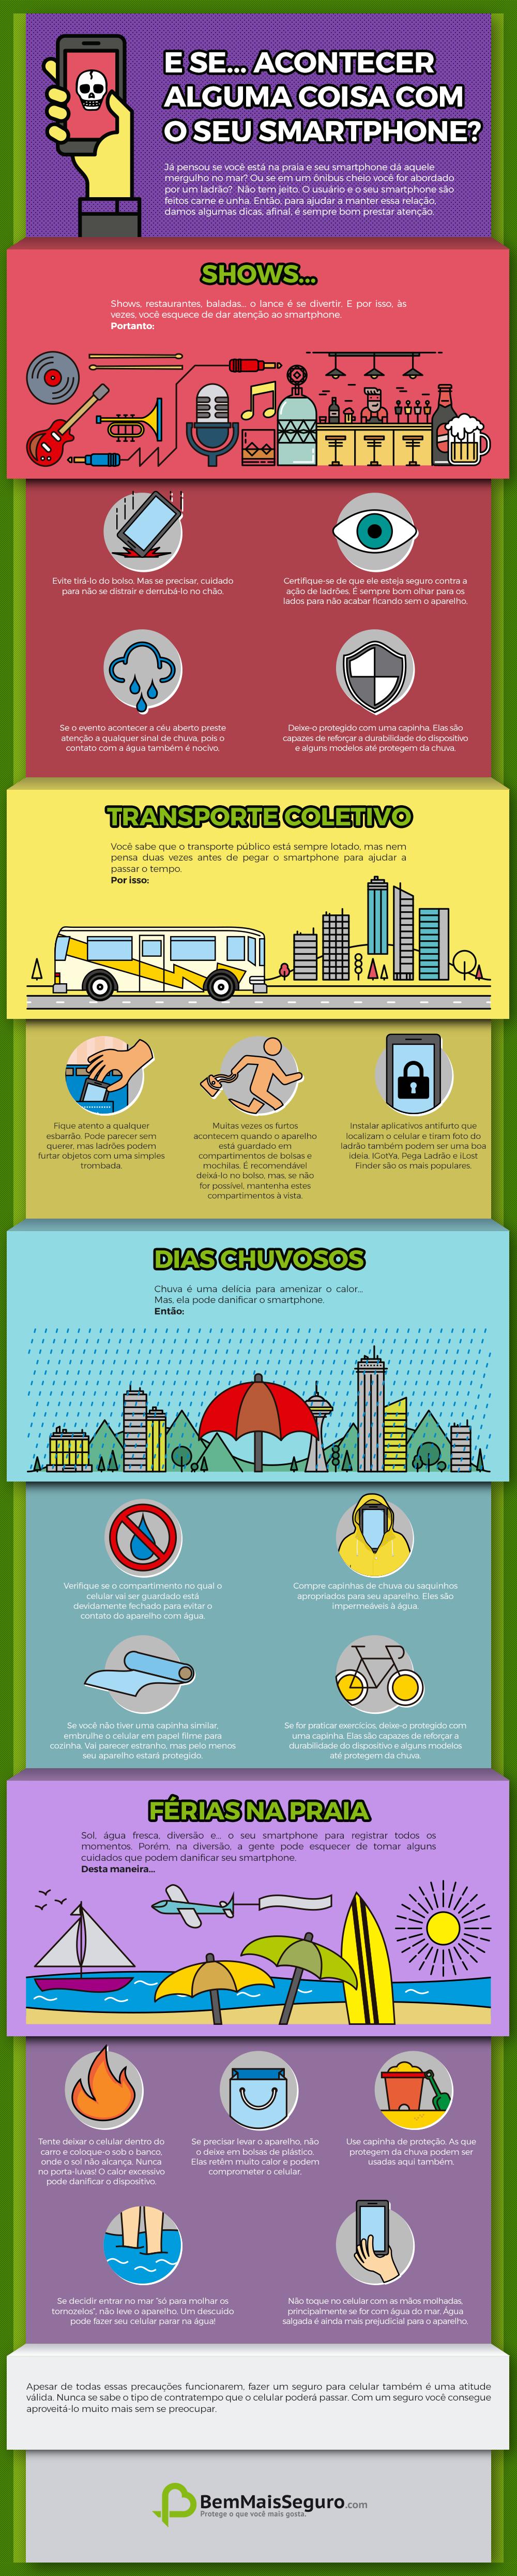 Quer proteger o seu celular? Confira 16 dicas para cuidar muito bem dele